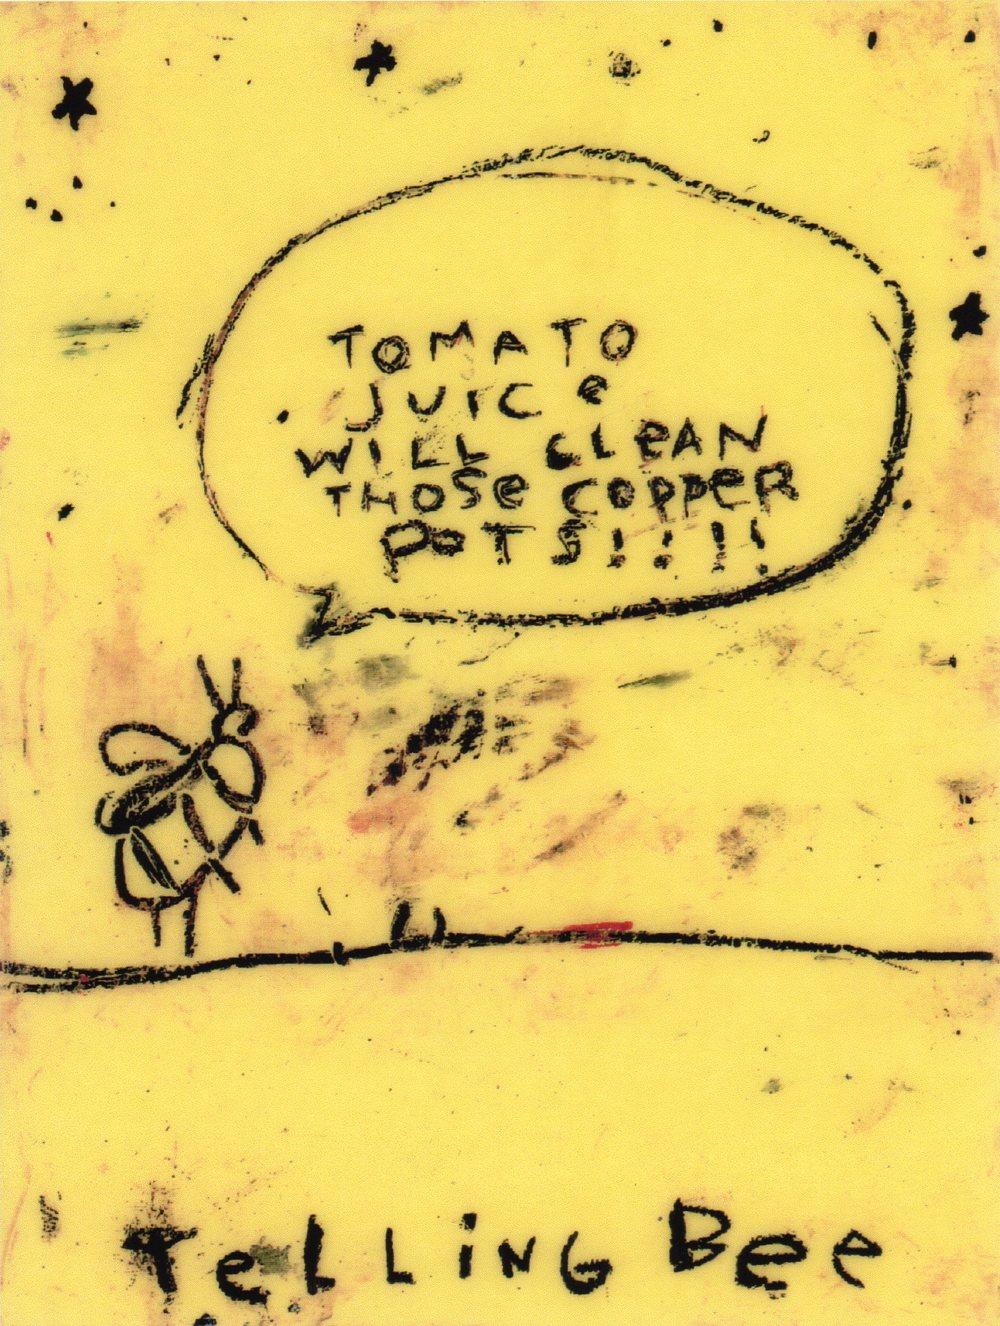 Telling Bee, 1995